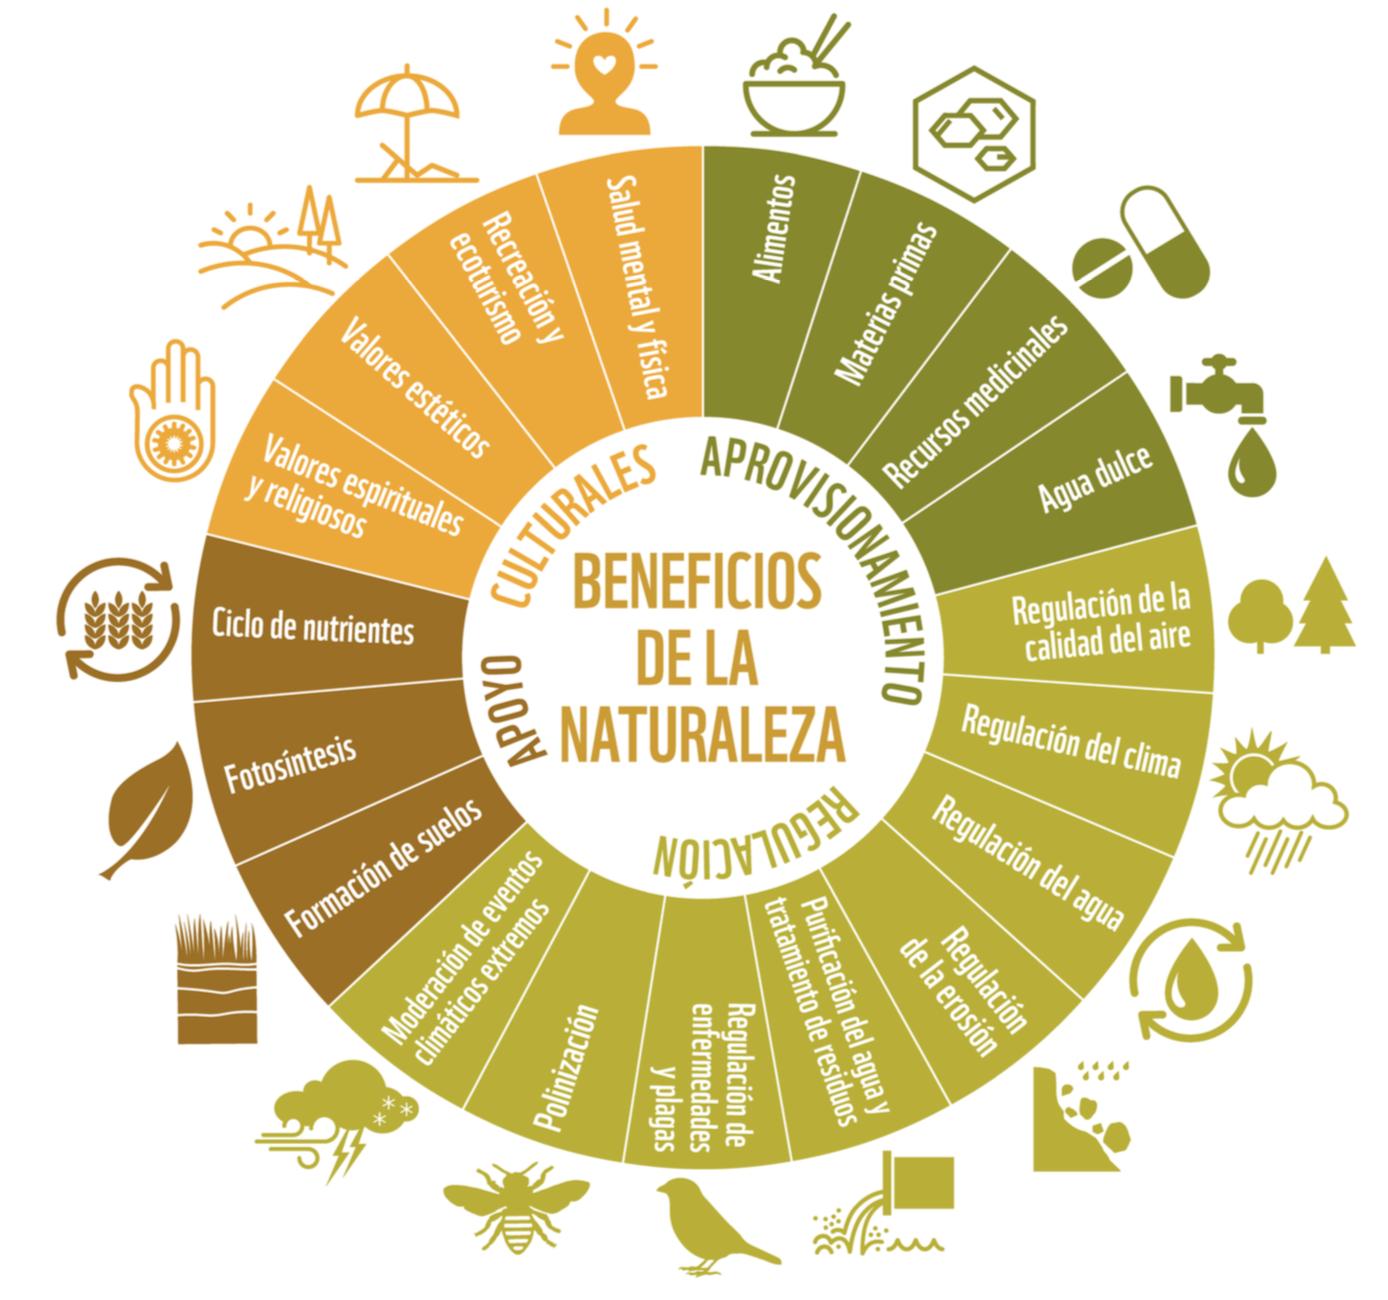 Beneficios de la biodiversidad